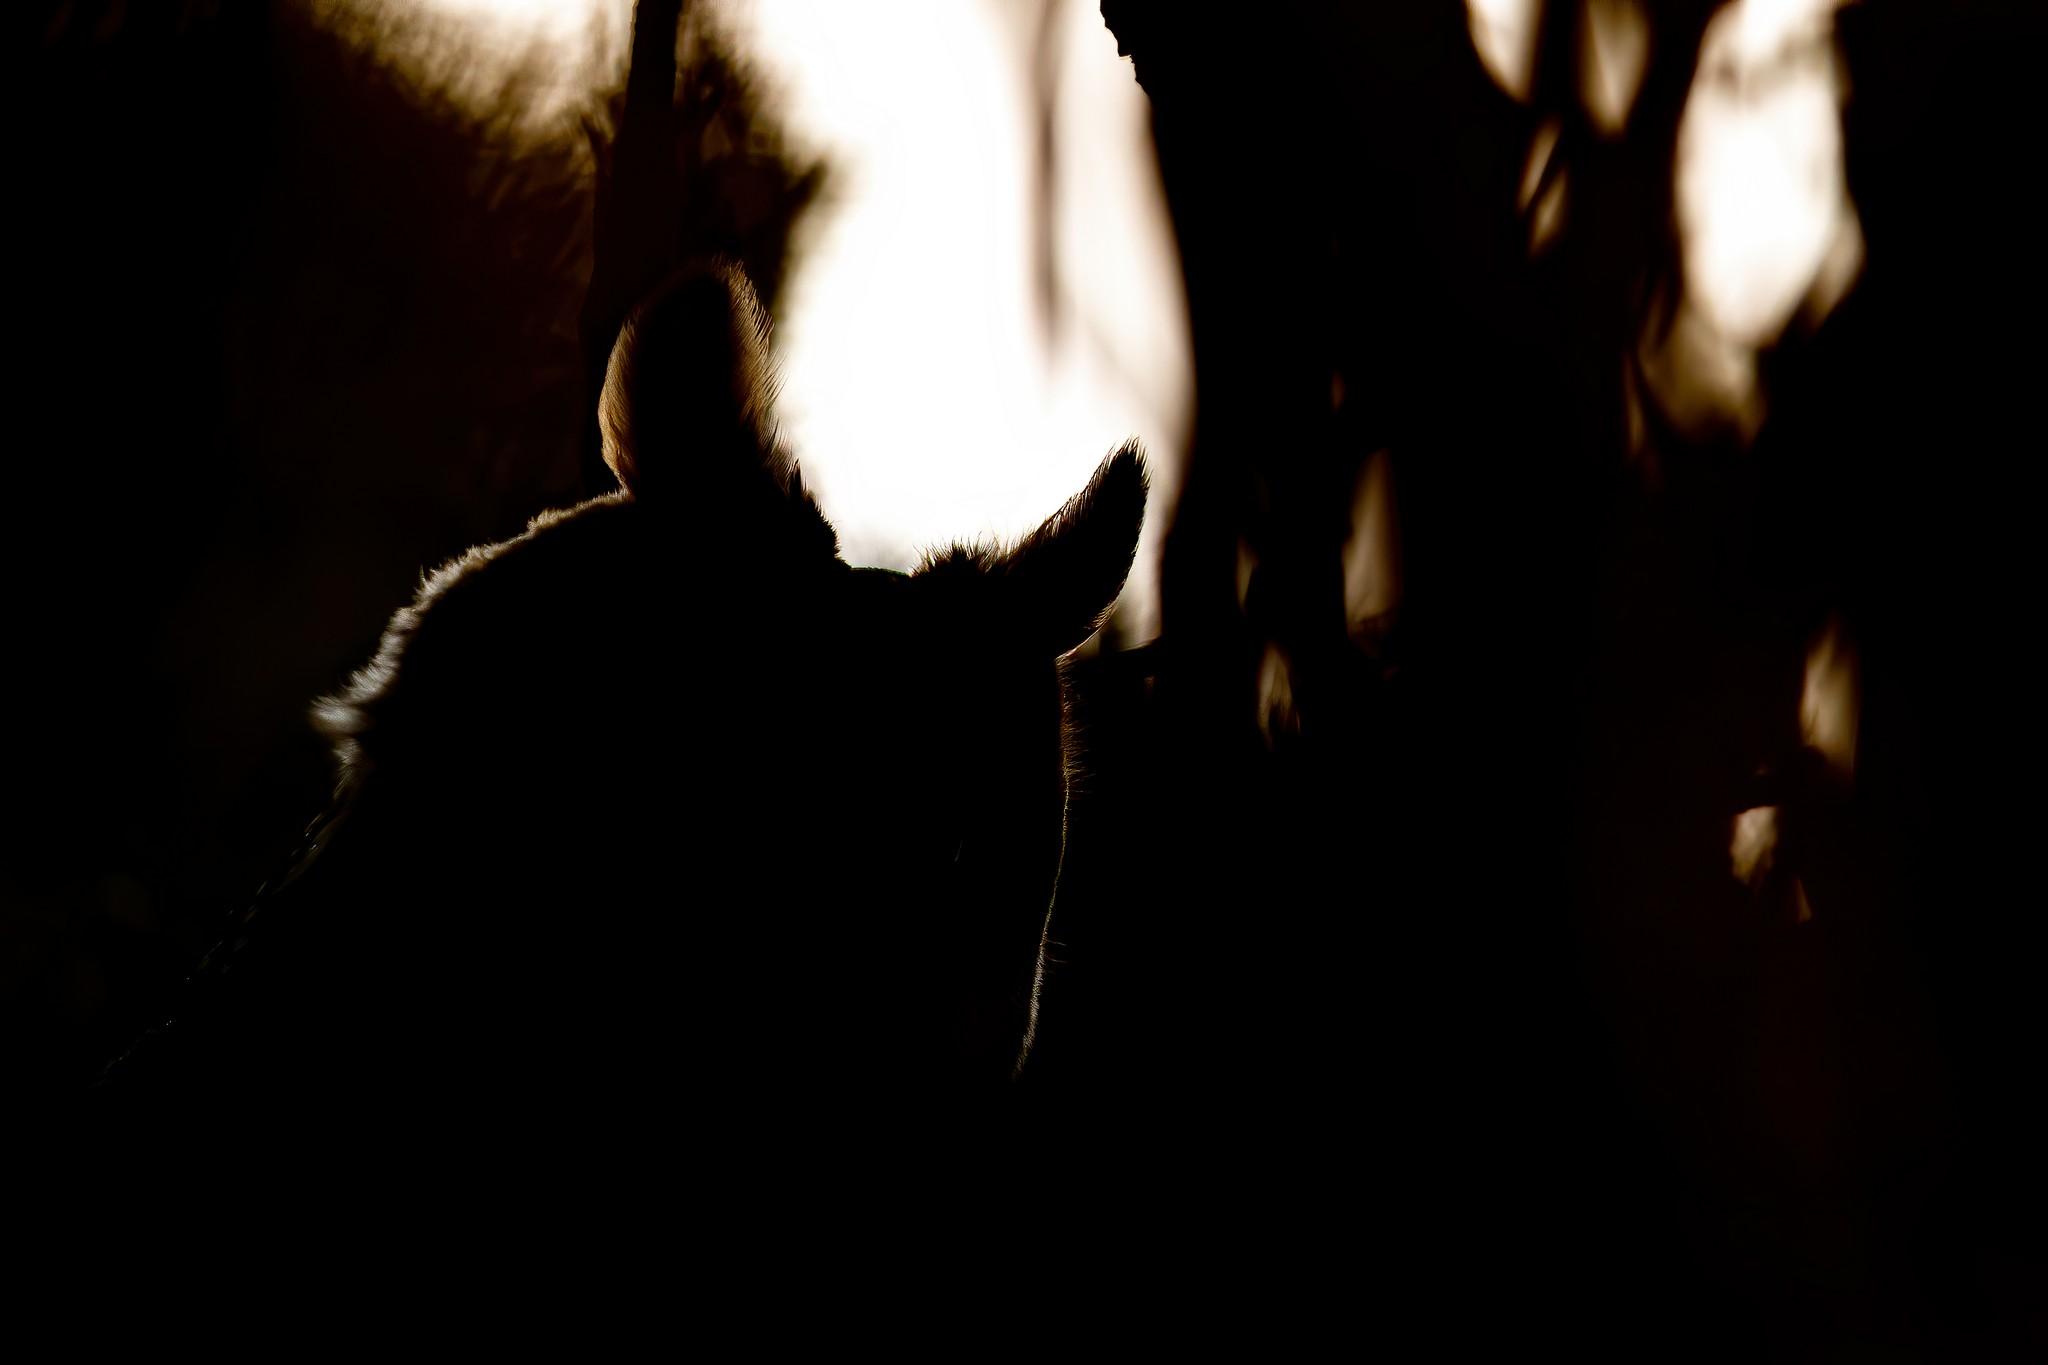 Hibou moyen-duc